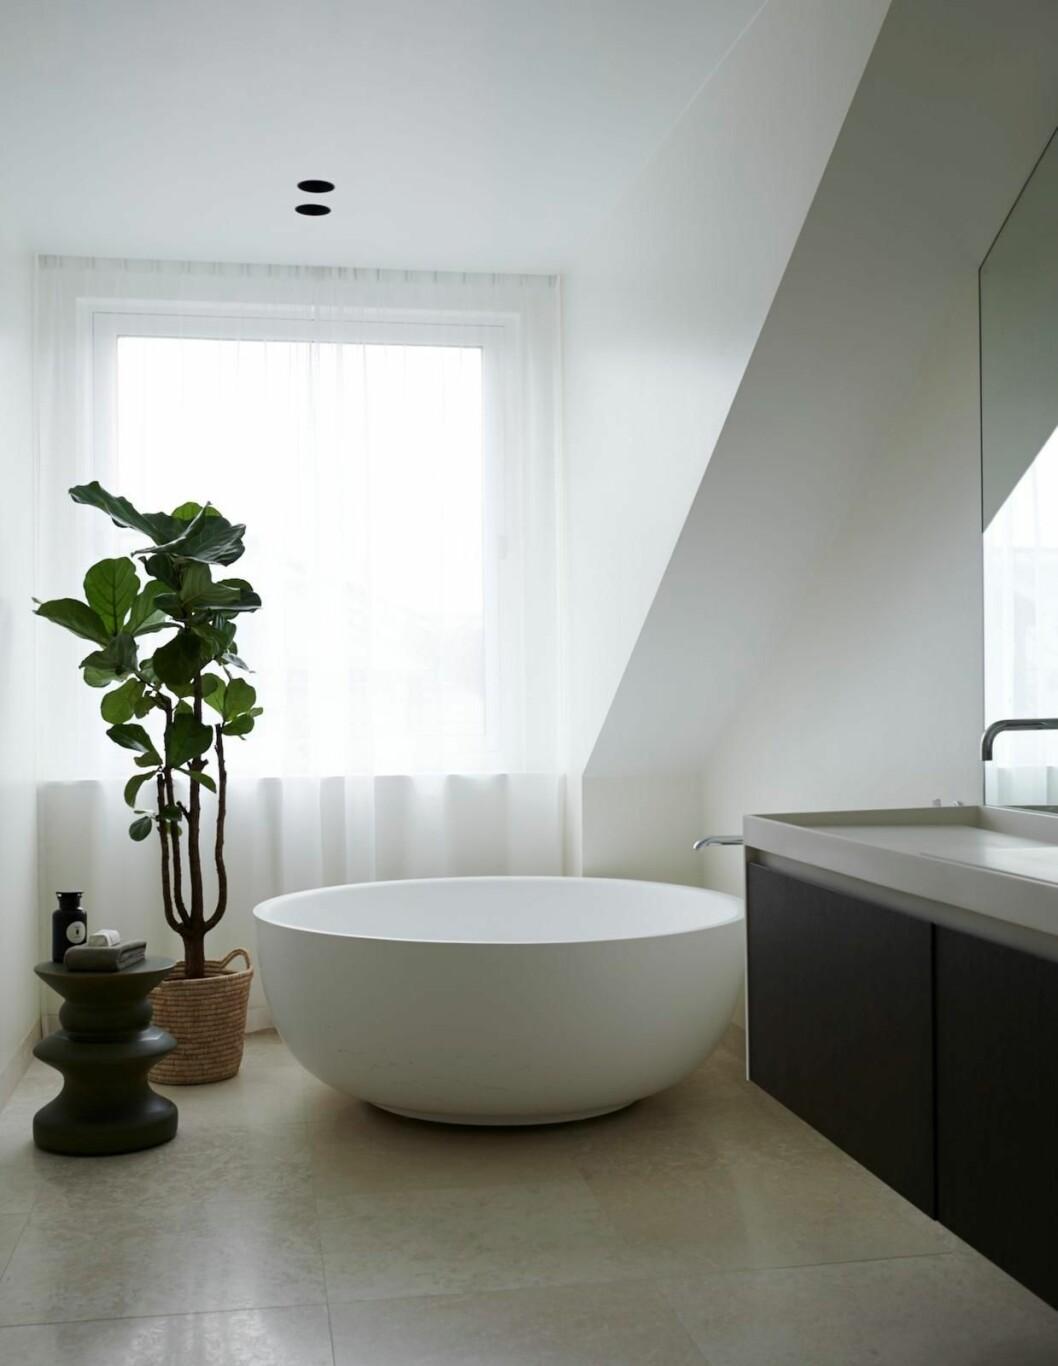 Claes Dalén inredare vindsvåning Stockholm Residence, badrum, runt badkar, dova färger